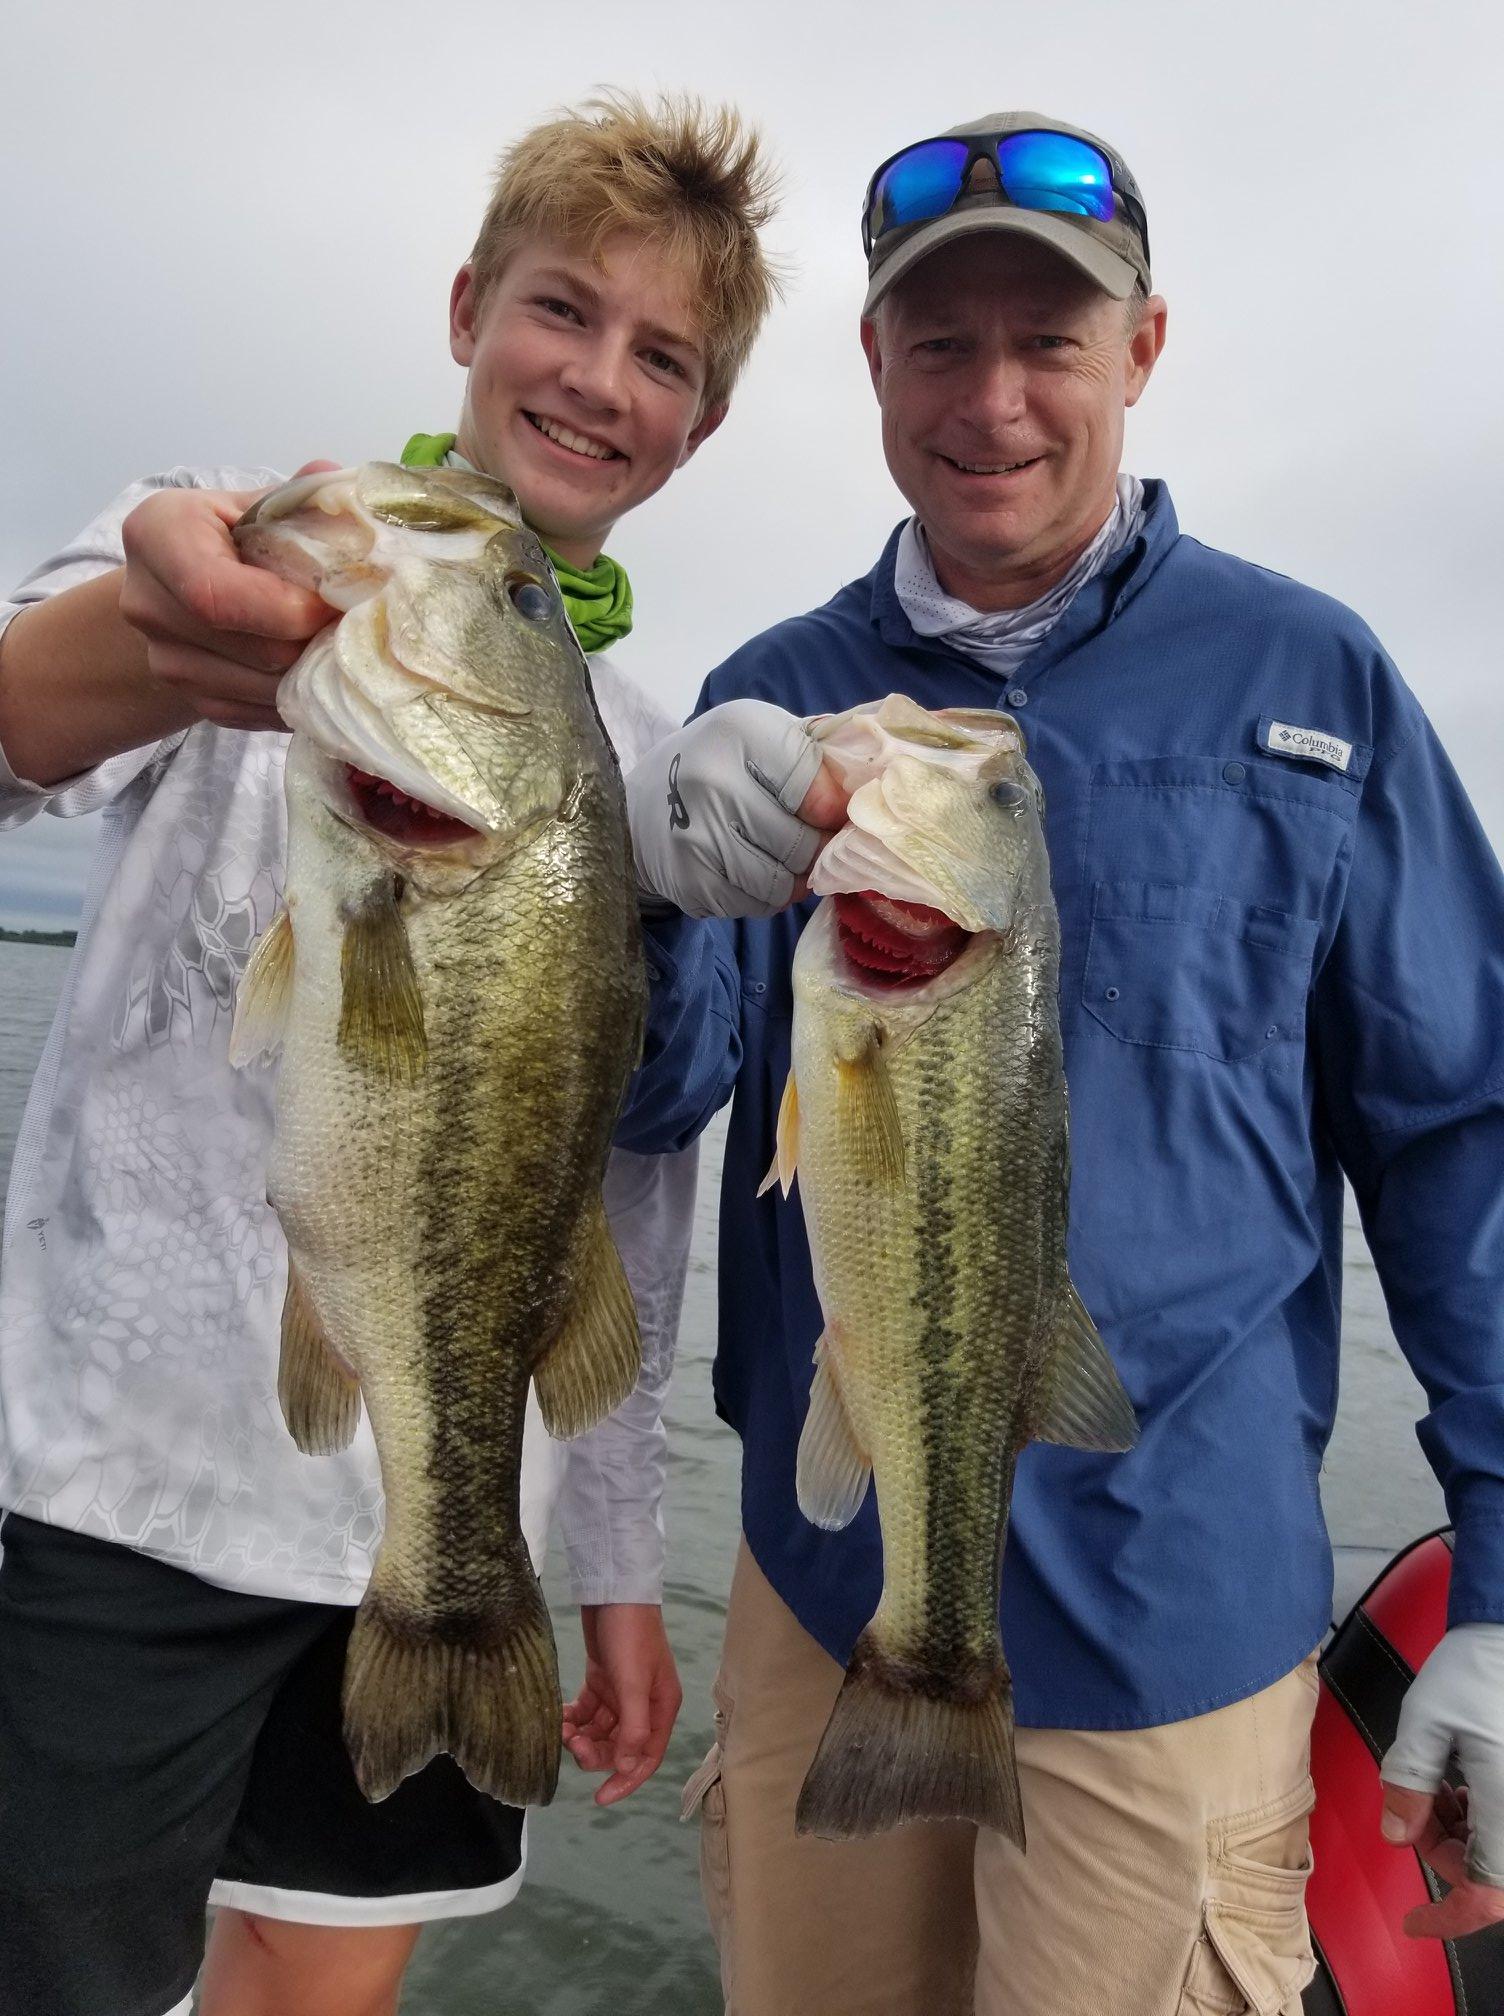 lake fork pro fishing guide david vance